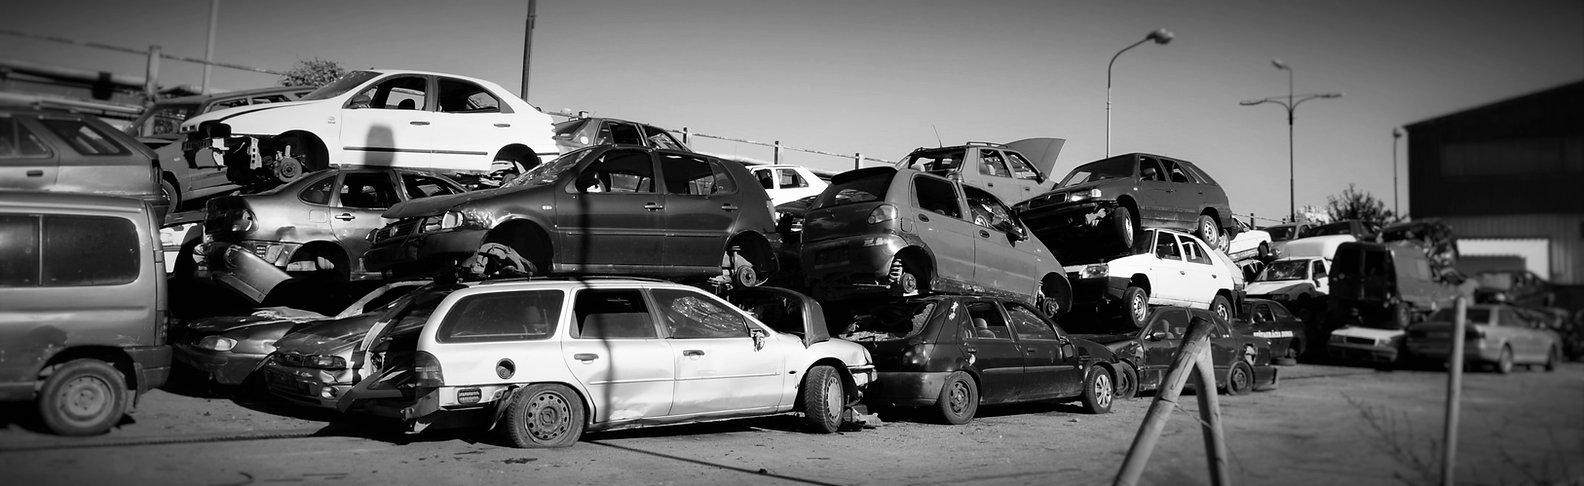 Projekt stacji demontażu pojazdów jest równie ważny jak lokalizacja, a prawidłowe rozmieszczenie sektorów ułatwia pracę